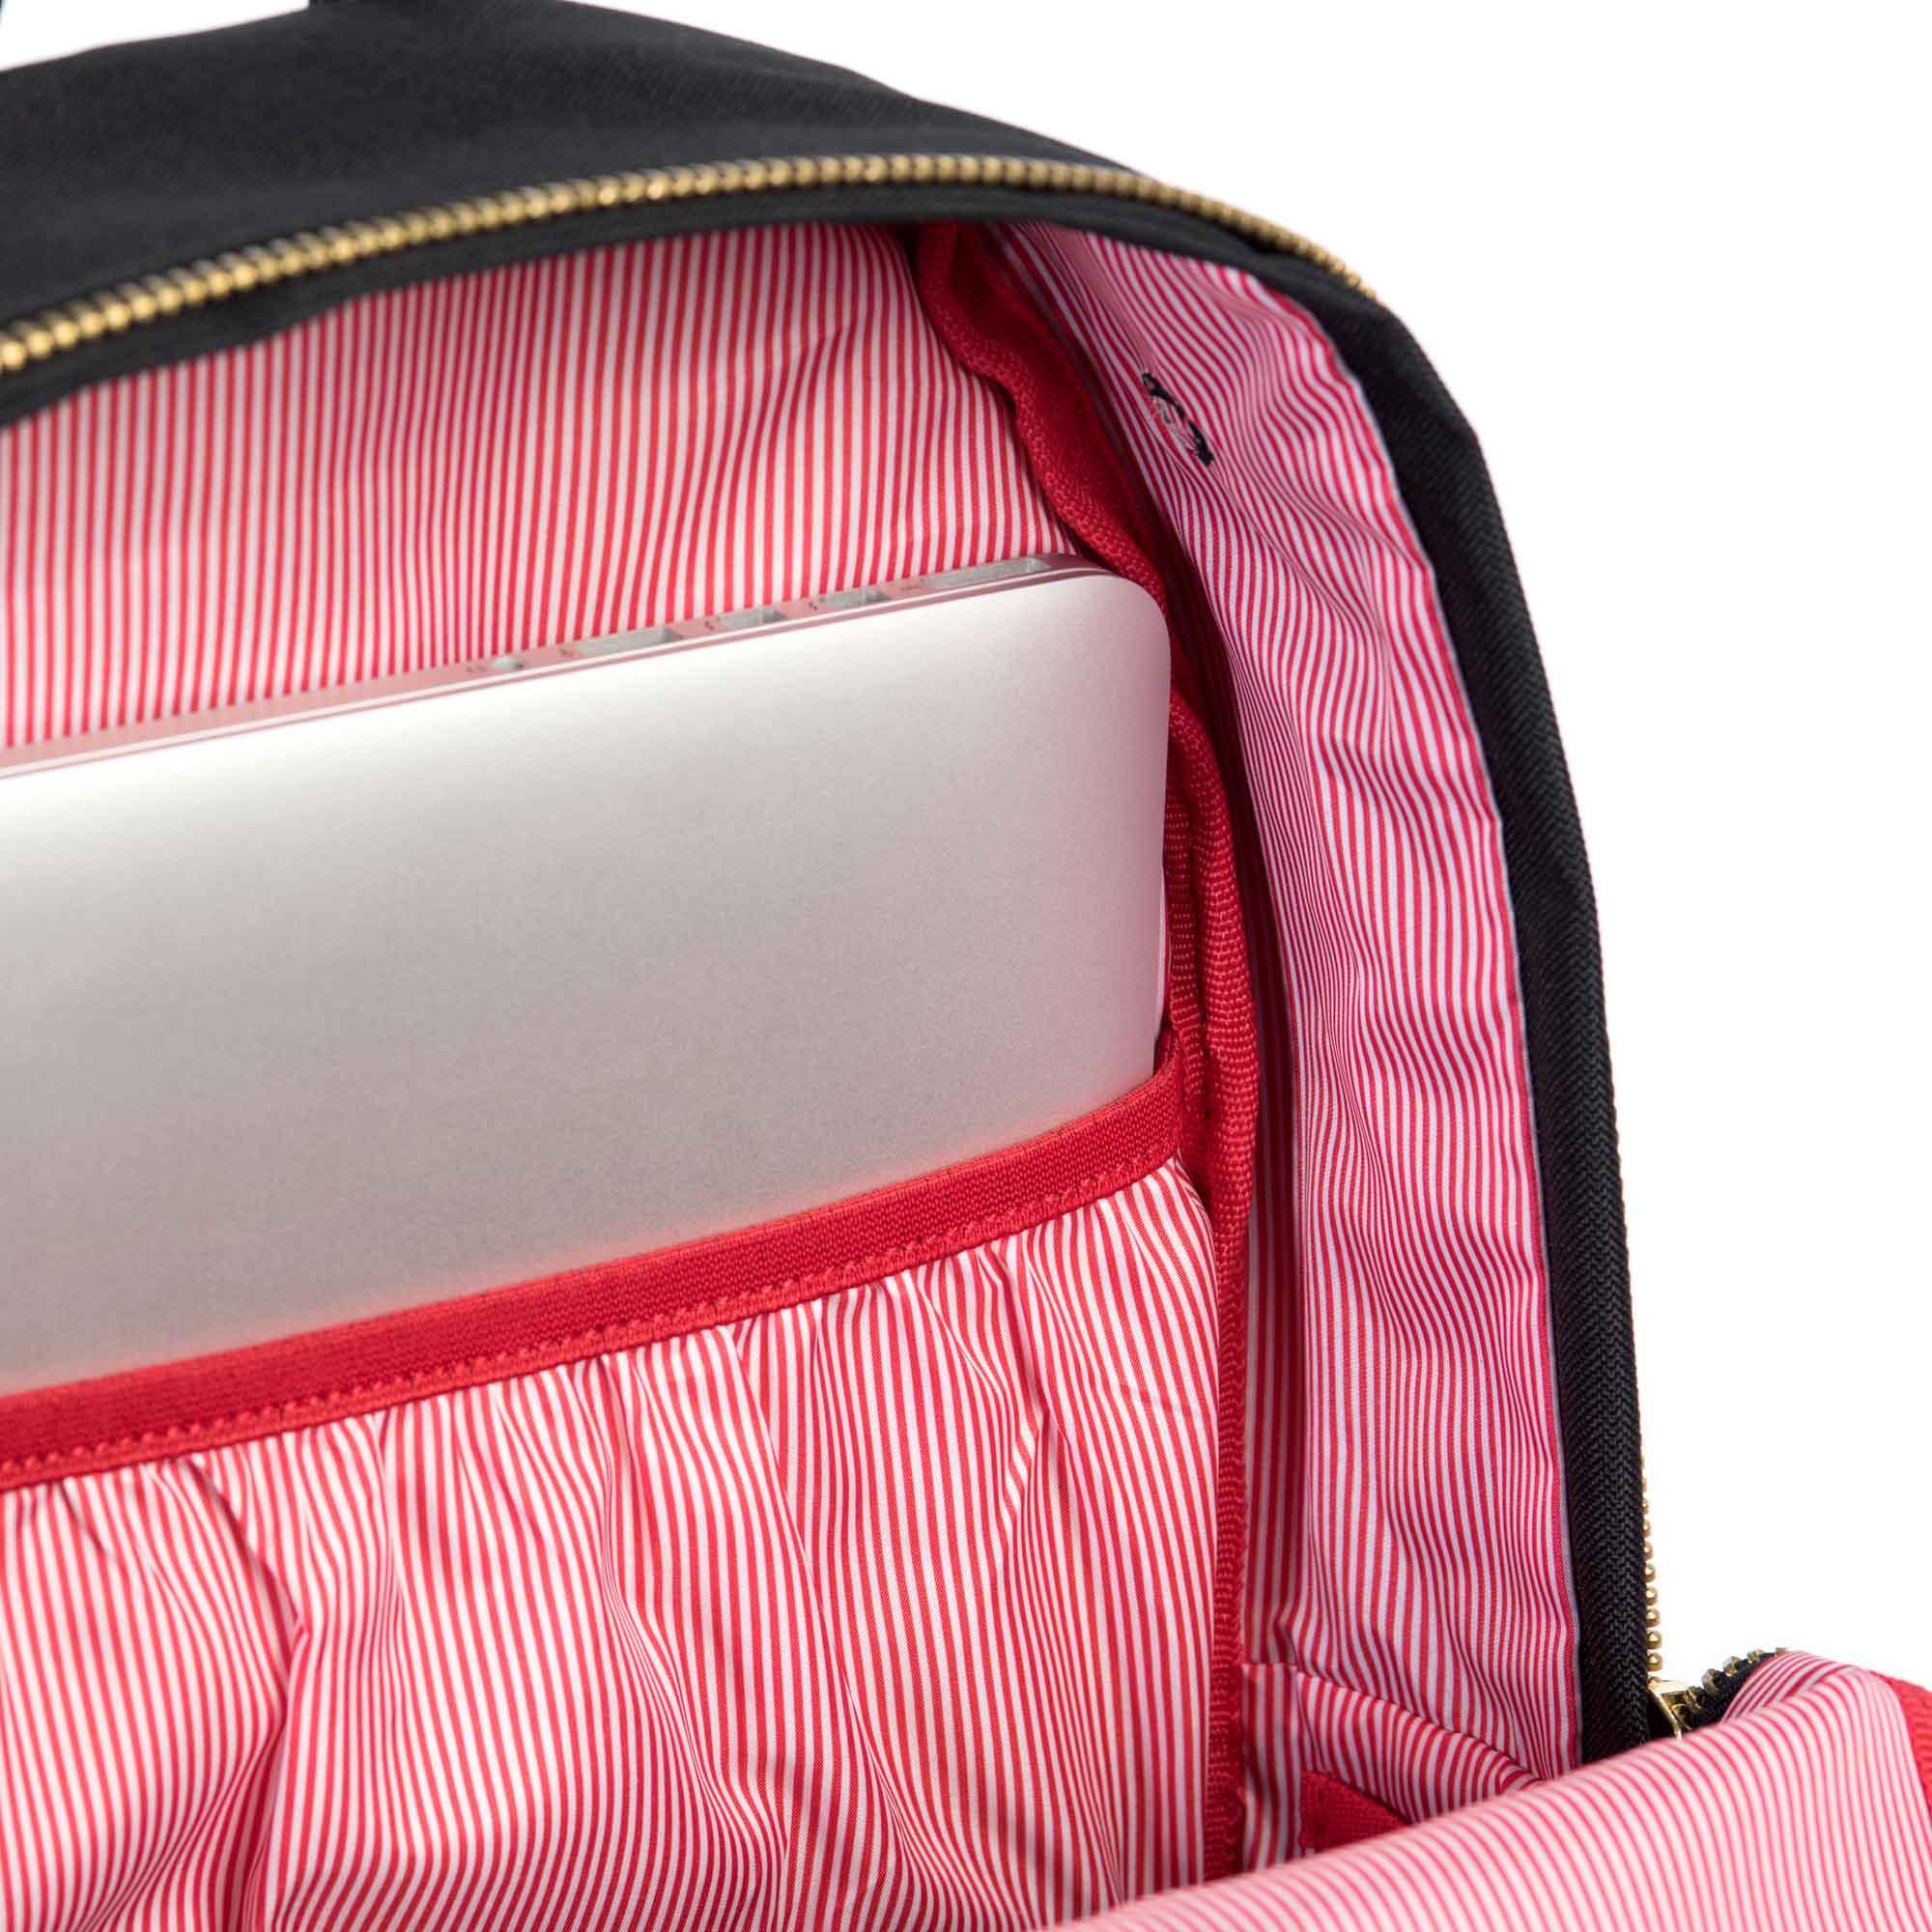 Herschel - Backpacks - Settlement - Twilight Black - Overload 2a4d343f3cf0a